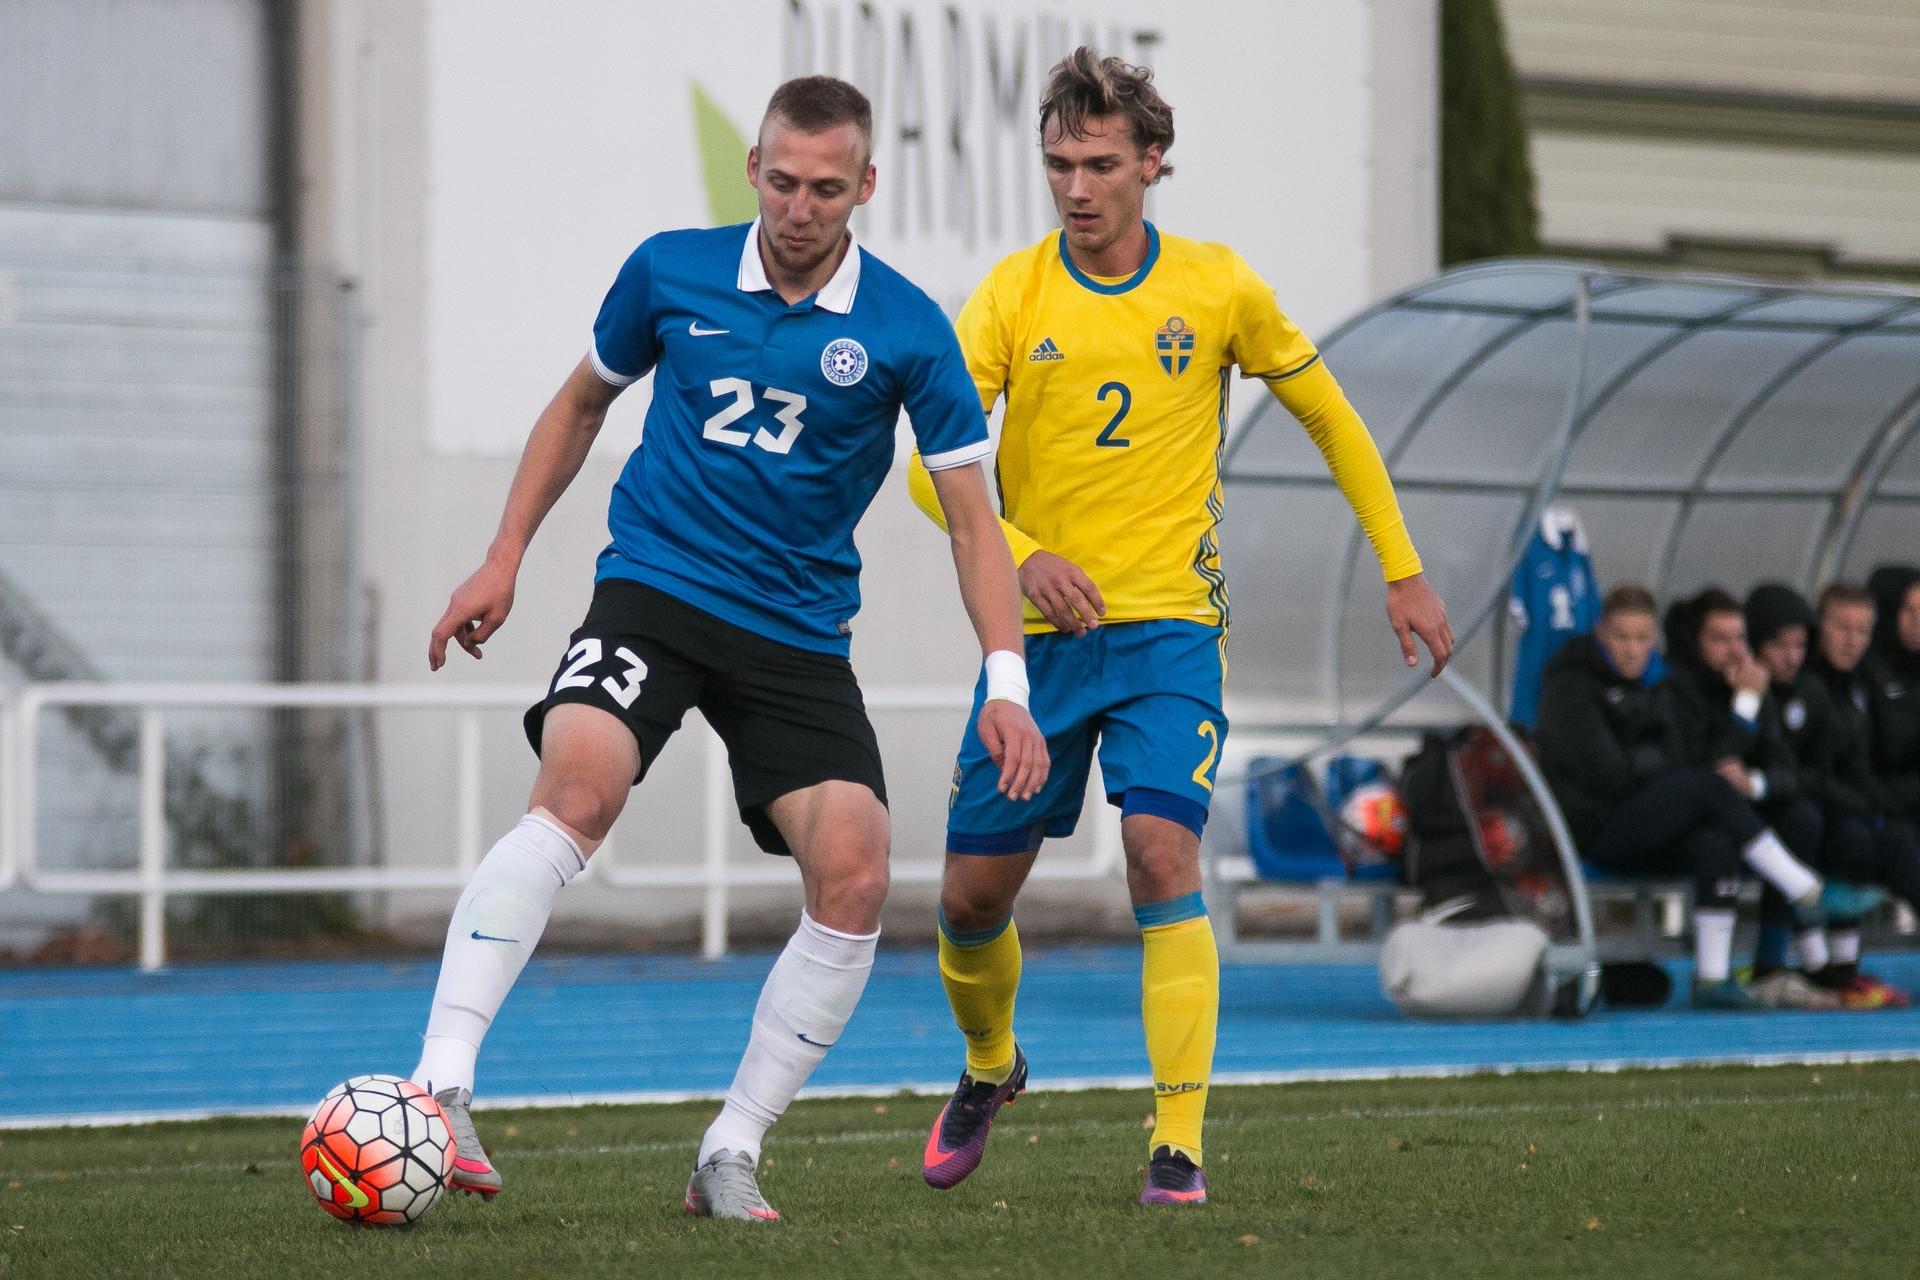 b8c39f84319 U21 koondis alustab uut Euroopa meistrivõistluste valiksarja selle aasta  juunikuus, kui Eestit väisavad Põhja-Iirimaa eakaaslased.